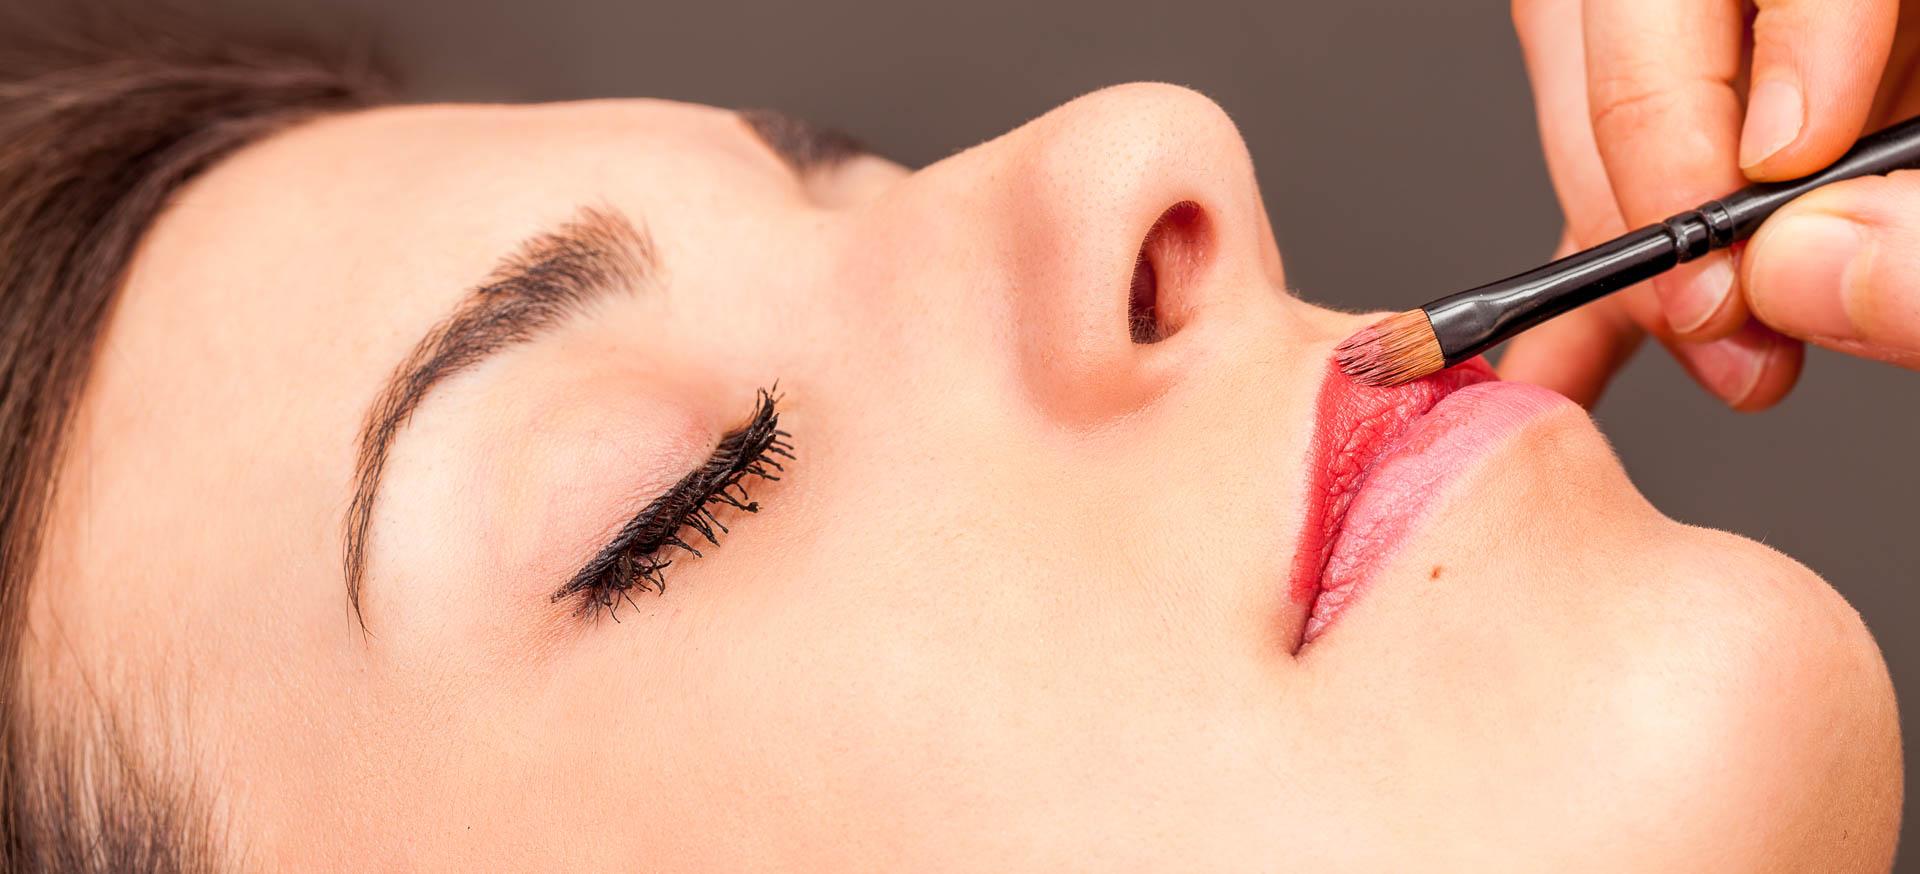 Maquillaje, curso de maquillaje, maquillaje de novia, maquillaje de novias, maquillaje de fiesta, maquillaje de día, maquillaje de noche, tratamiento estetico, Tratamientos esteticos, Centro de Estética, Estetica Avanzada, Tratamientos de estetica, Atelier de estetica